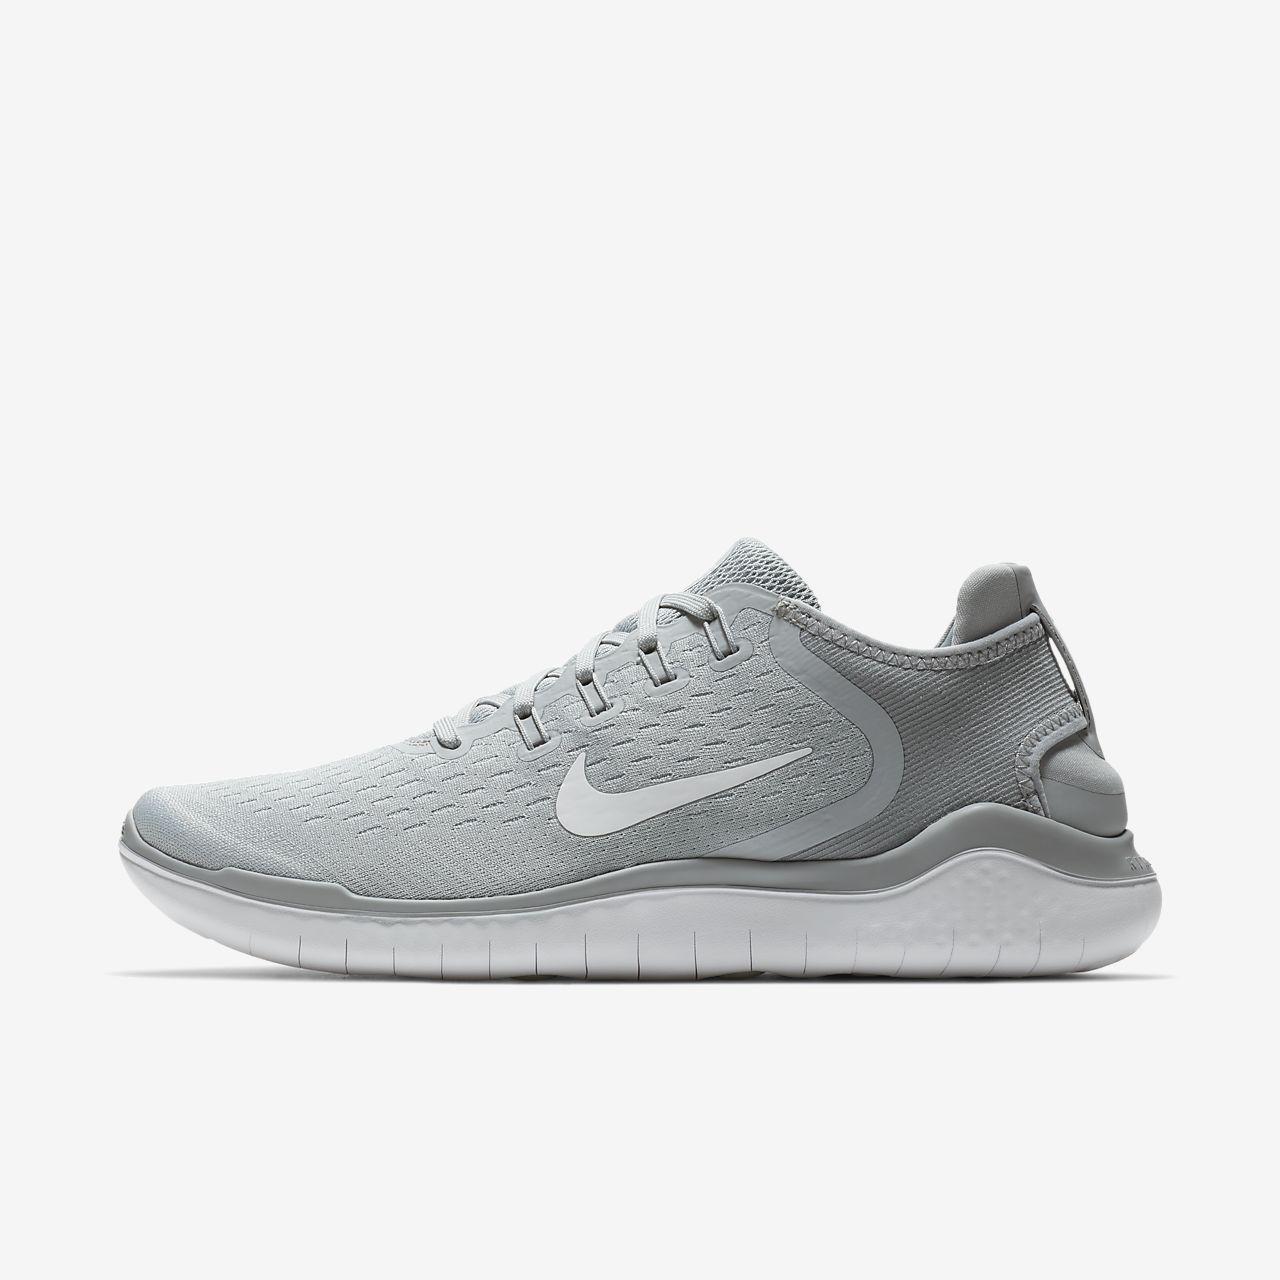 Men's Rn Free 2018 Be Nike Shoe Running PtOx8wUw